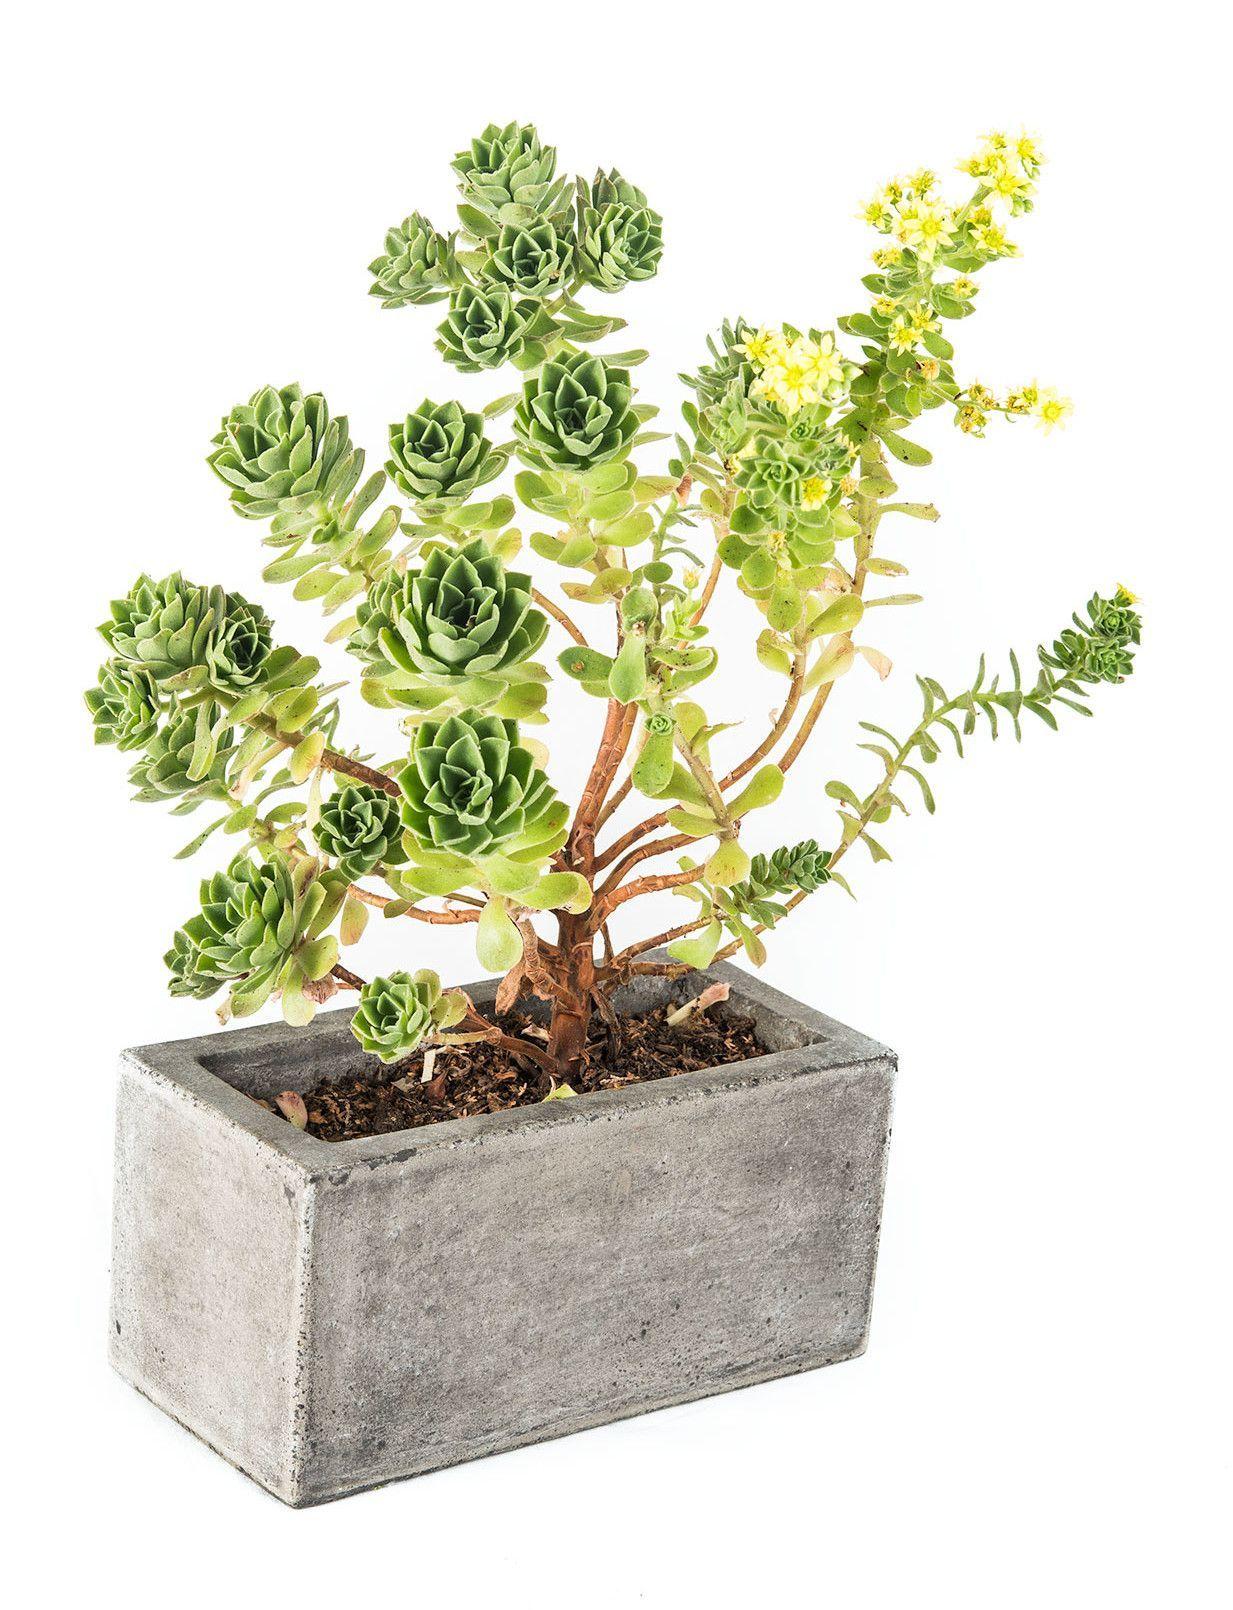 Madera Rectangle Pot Planter